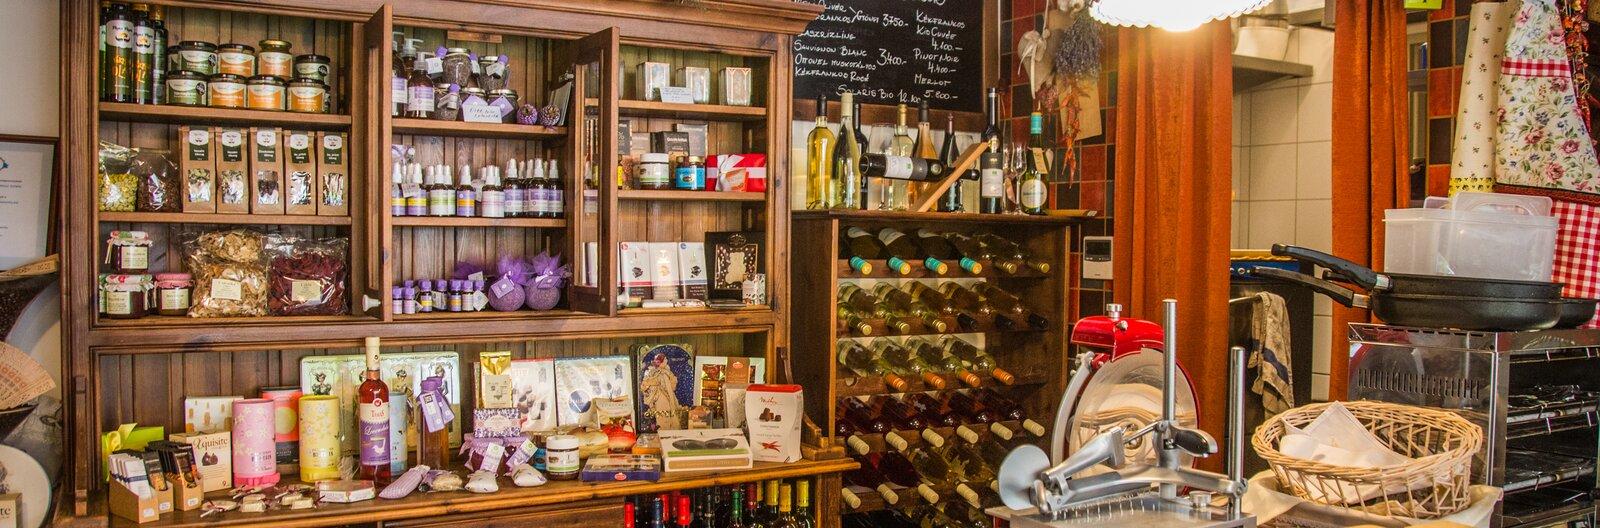 Ahol a gin csokival és házi sonkával randizik – 11 delikátbolt a Balatonnál